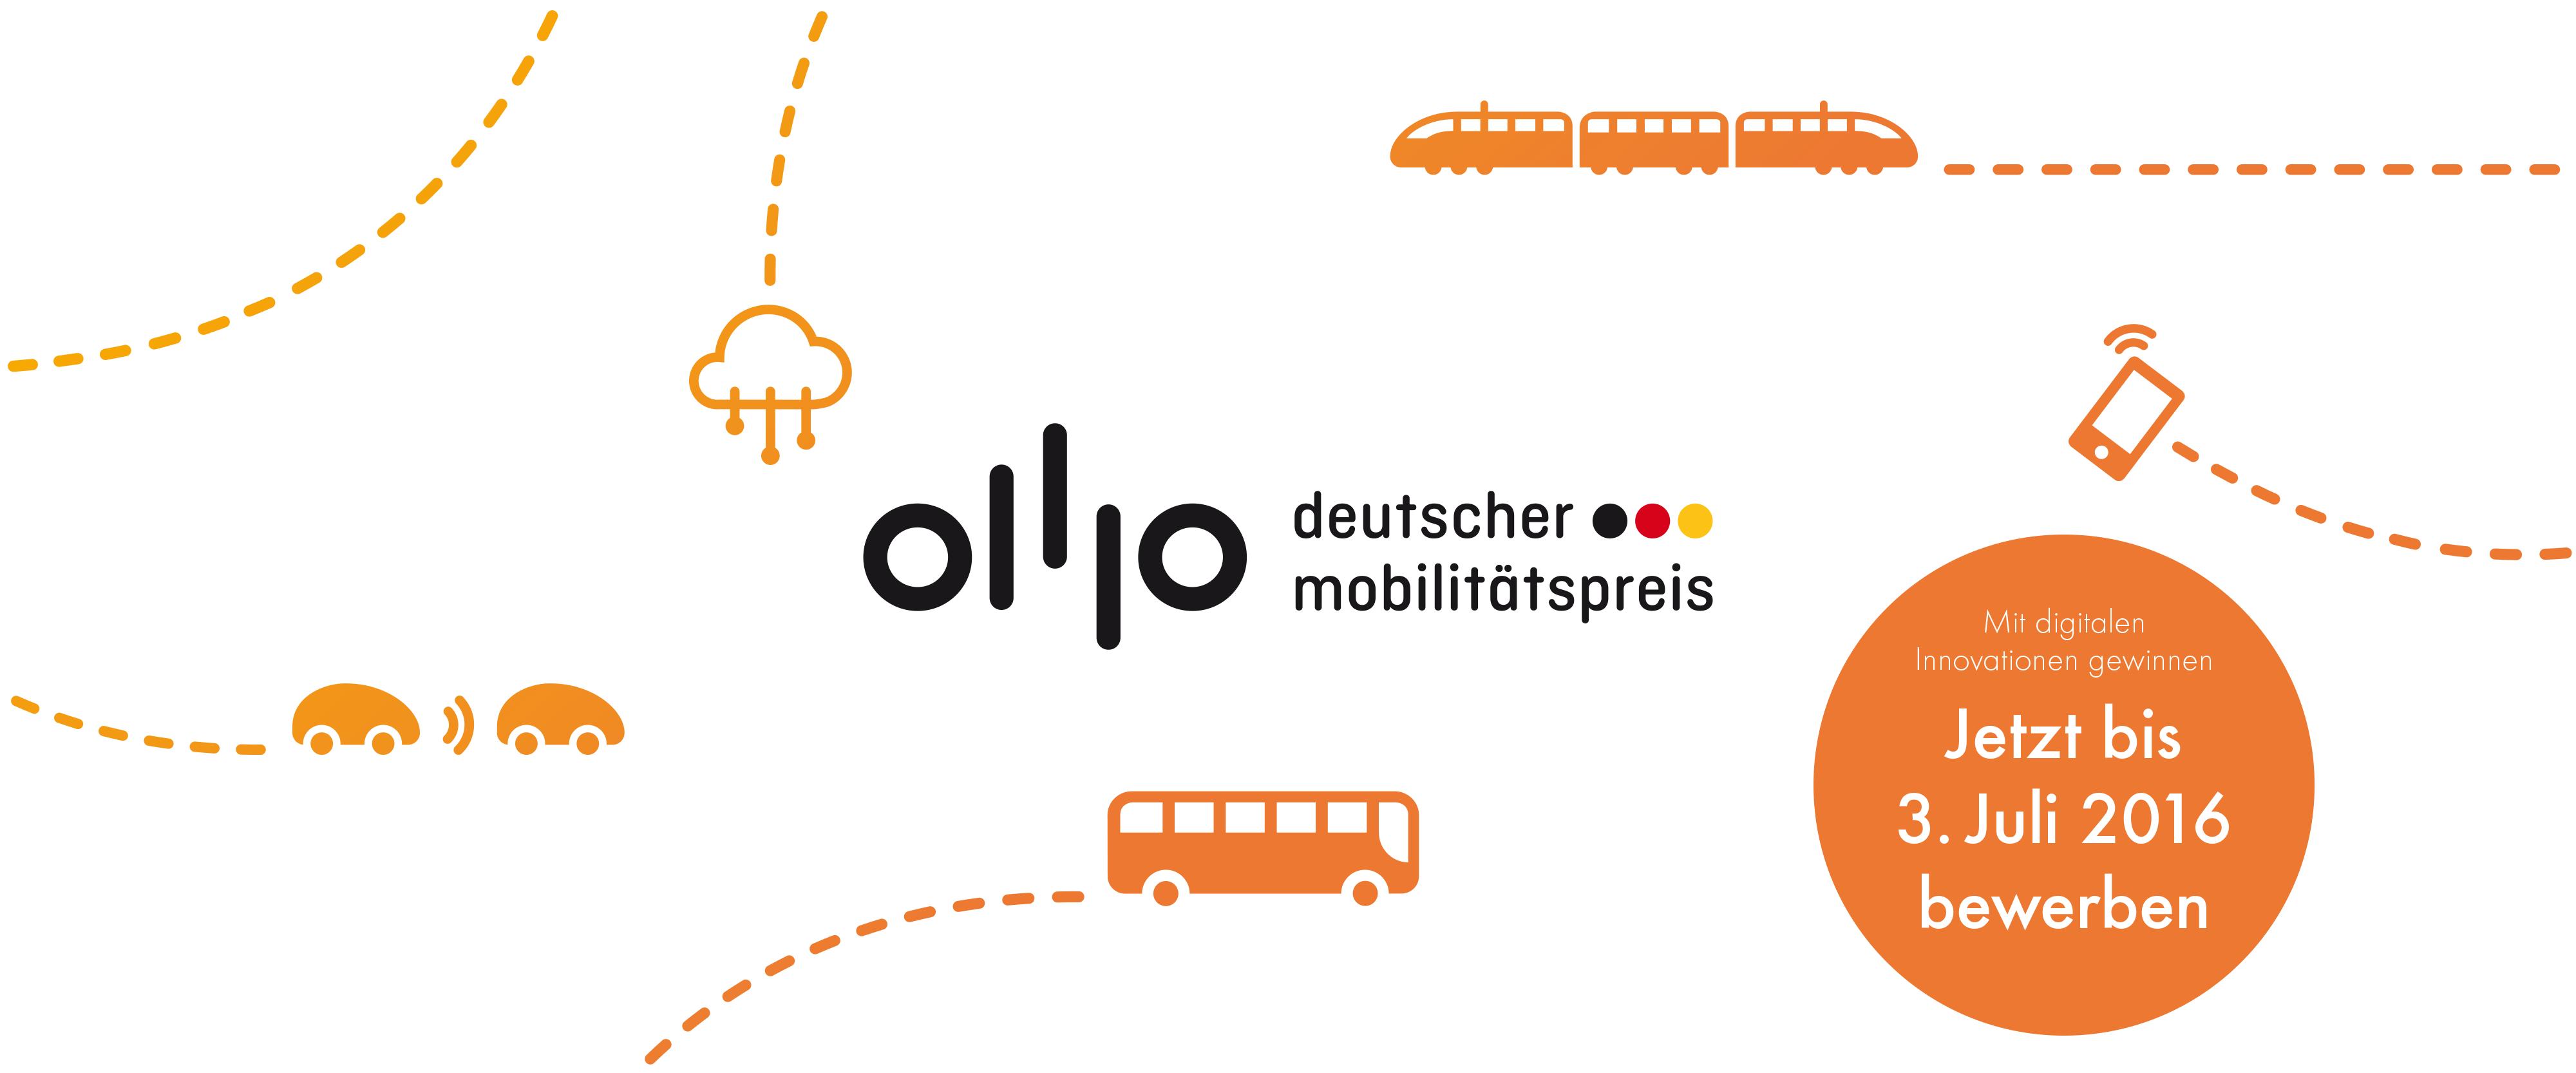 10 Leuchtturmprojekte für den Deutschen Mobilitätspreis